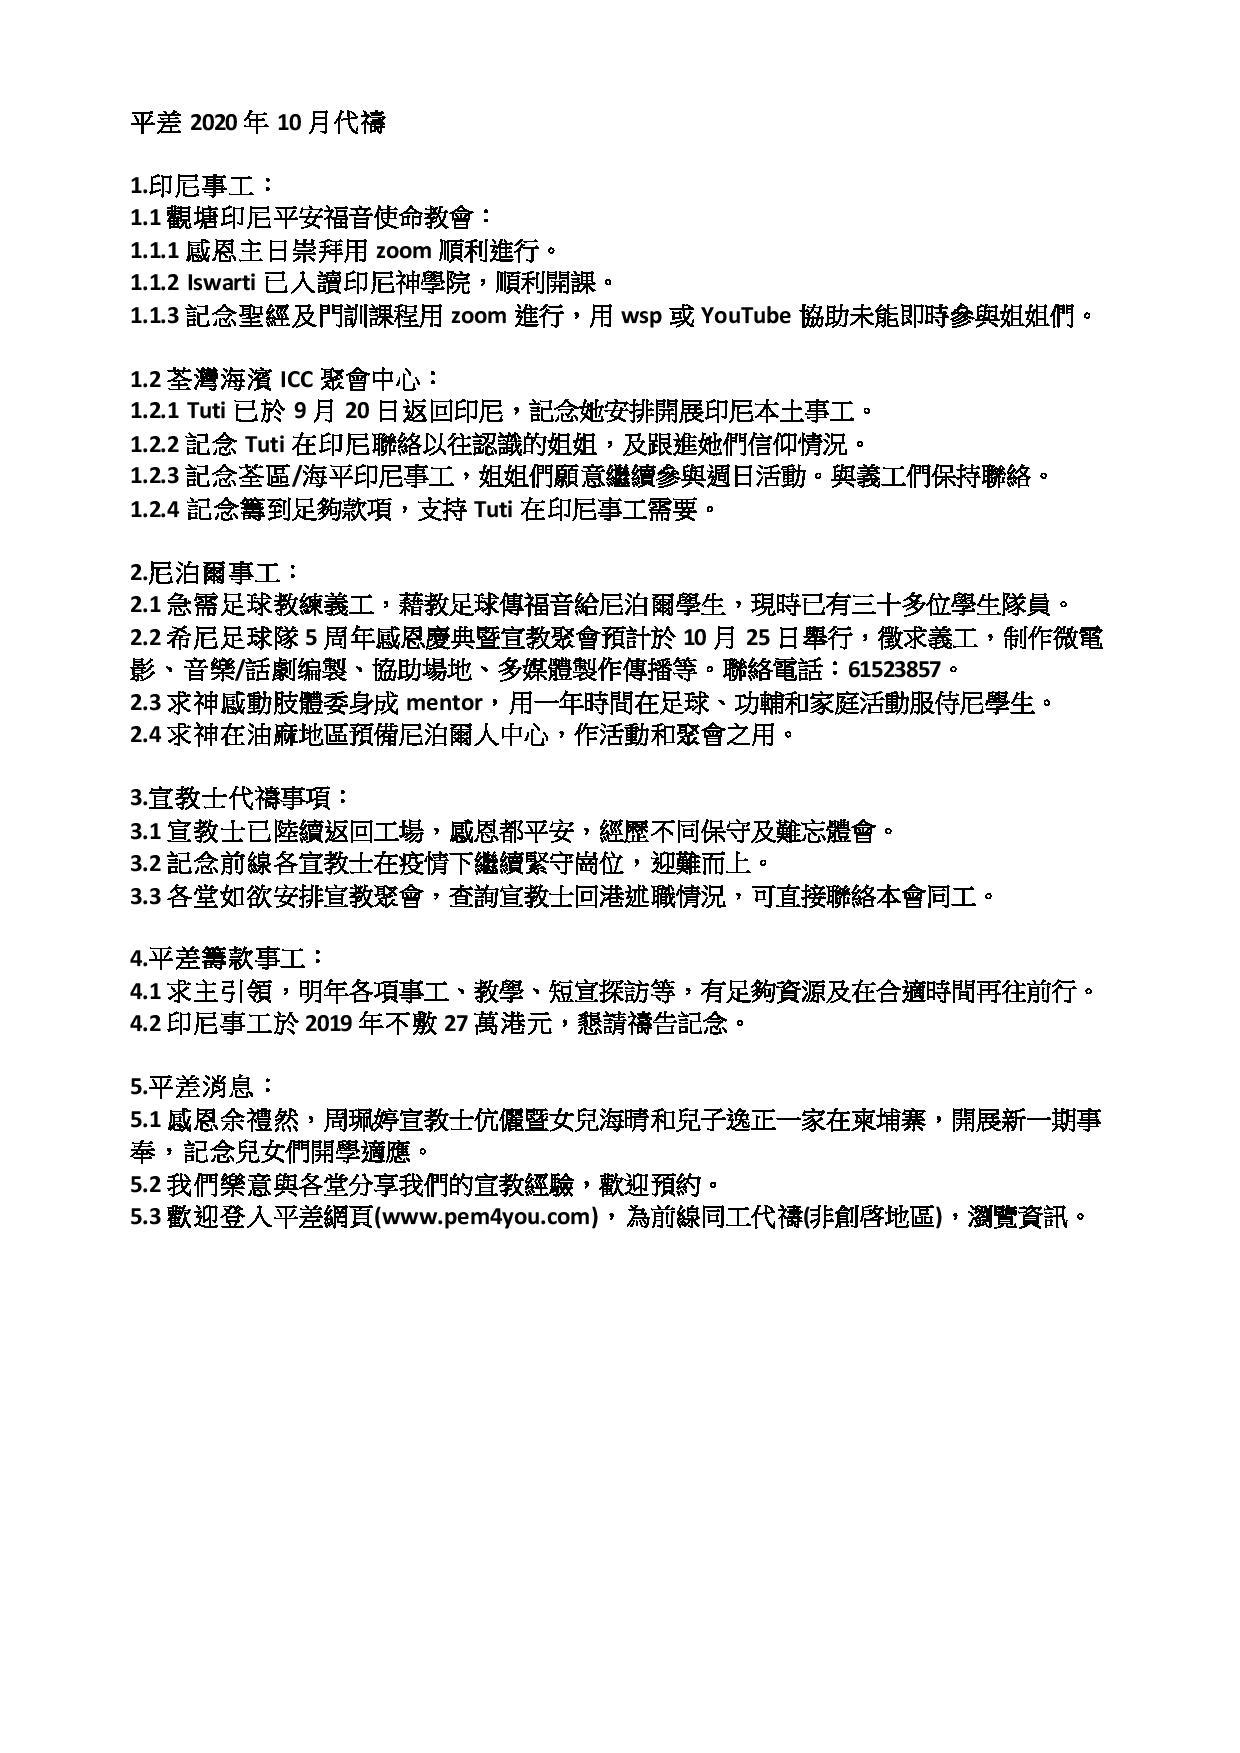 平差202010代禱-page-001